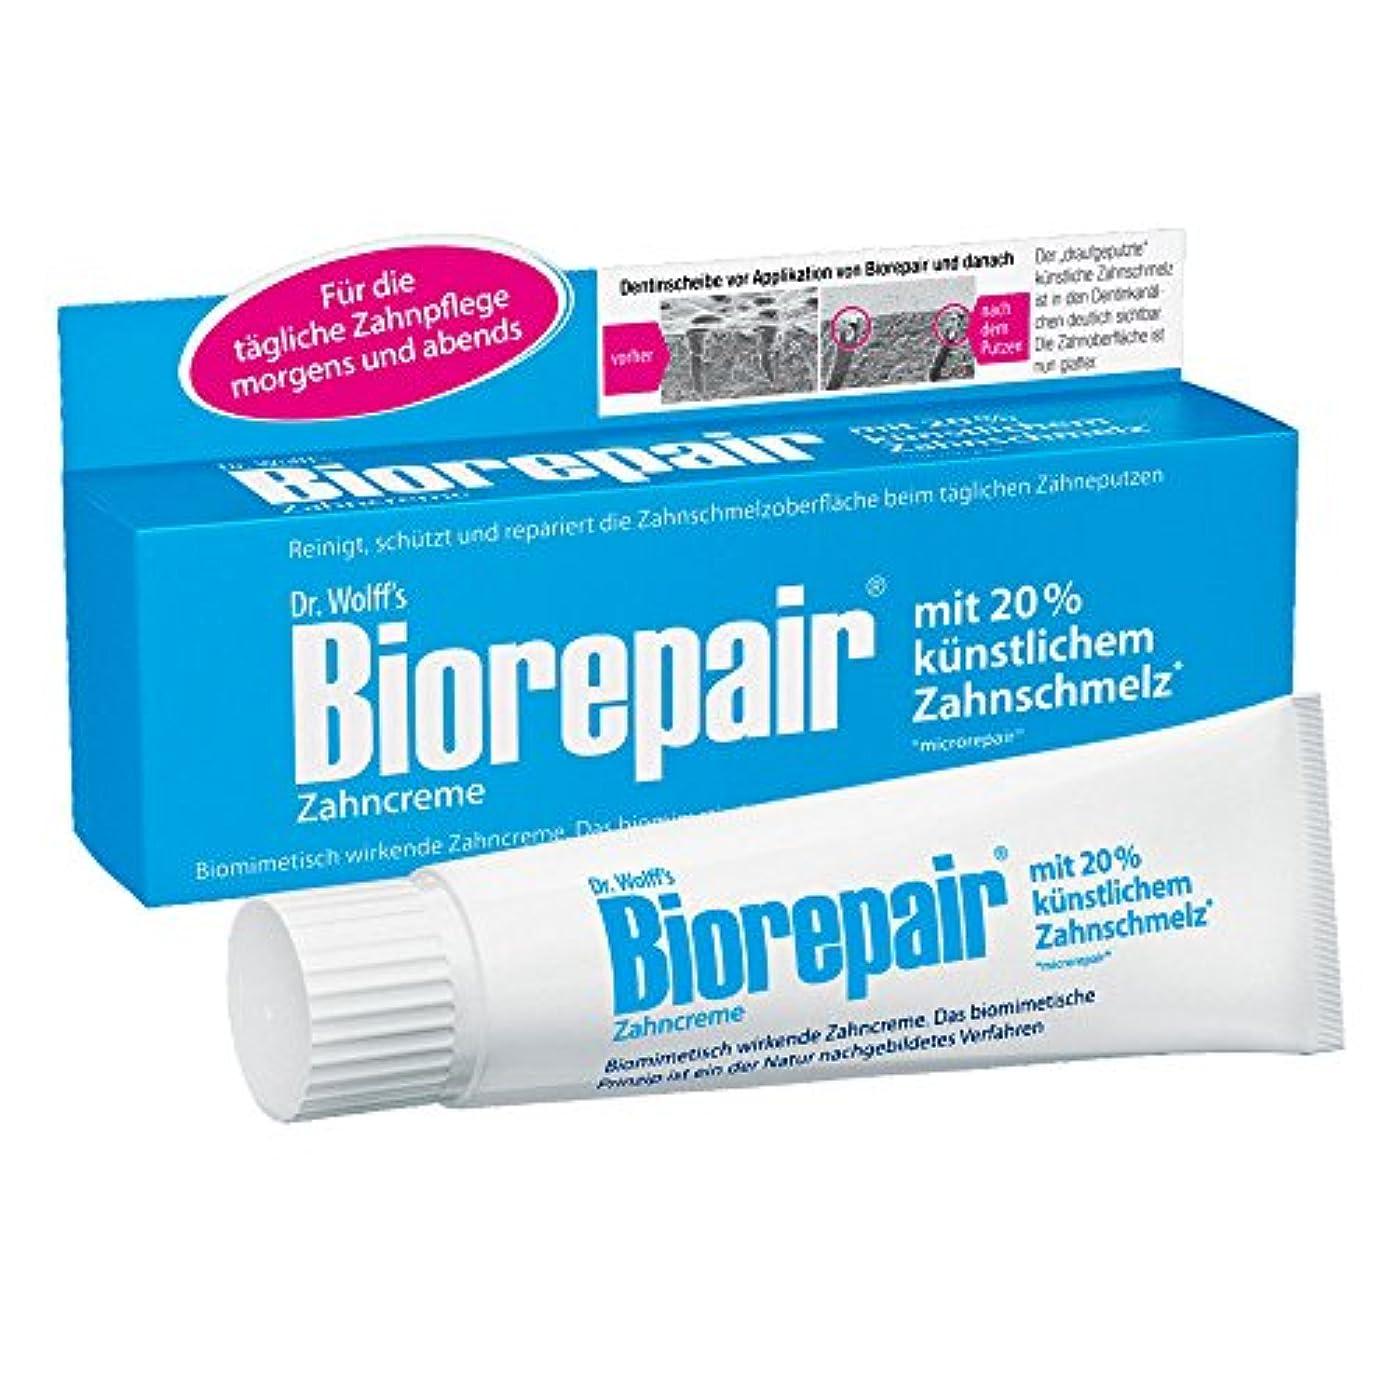 合金選挙眠いですBiorepair 歯磨き粉オリジナル、75ml(1pack) 歯の保護 耐摩耗性 1pack [並行輸入品]